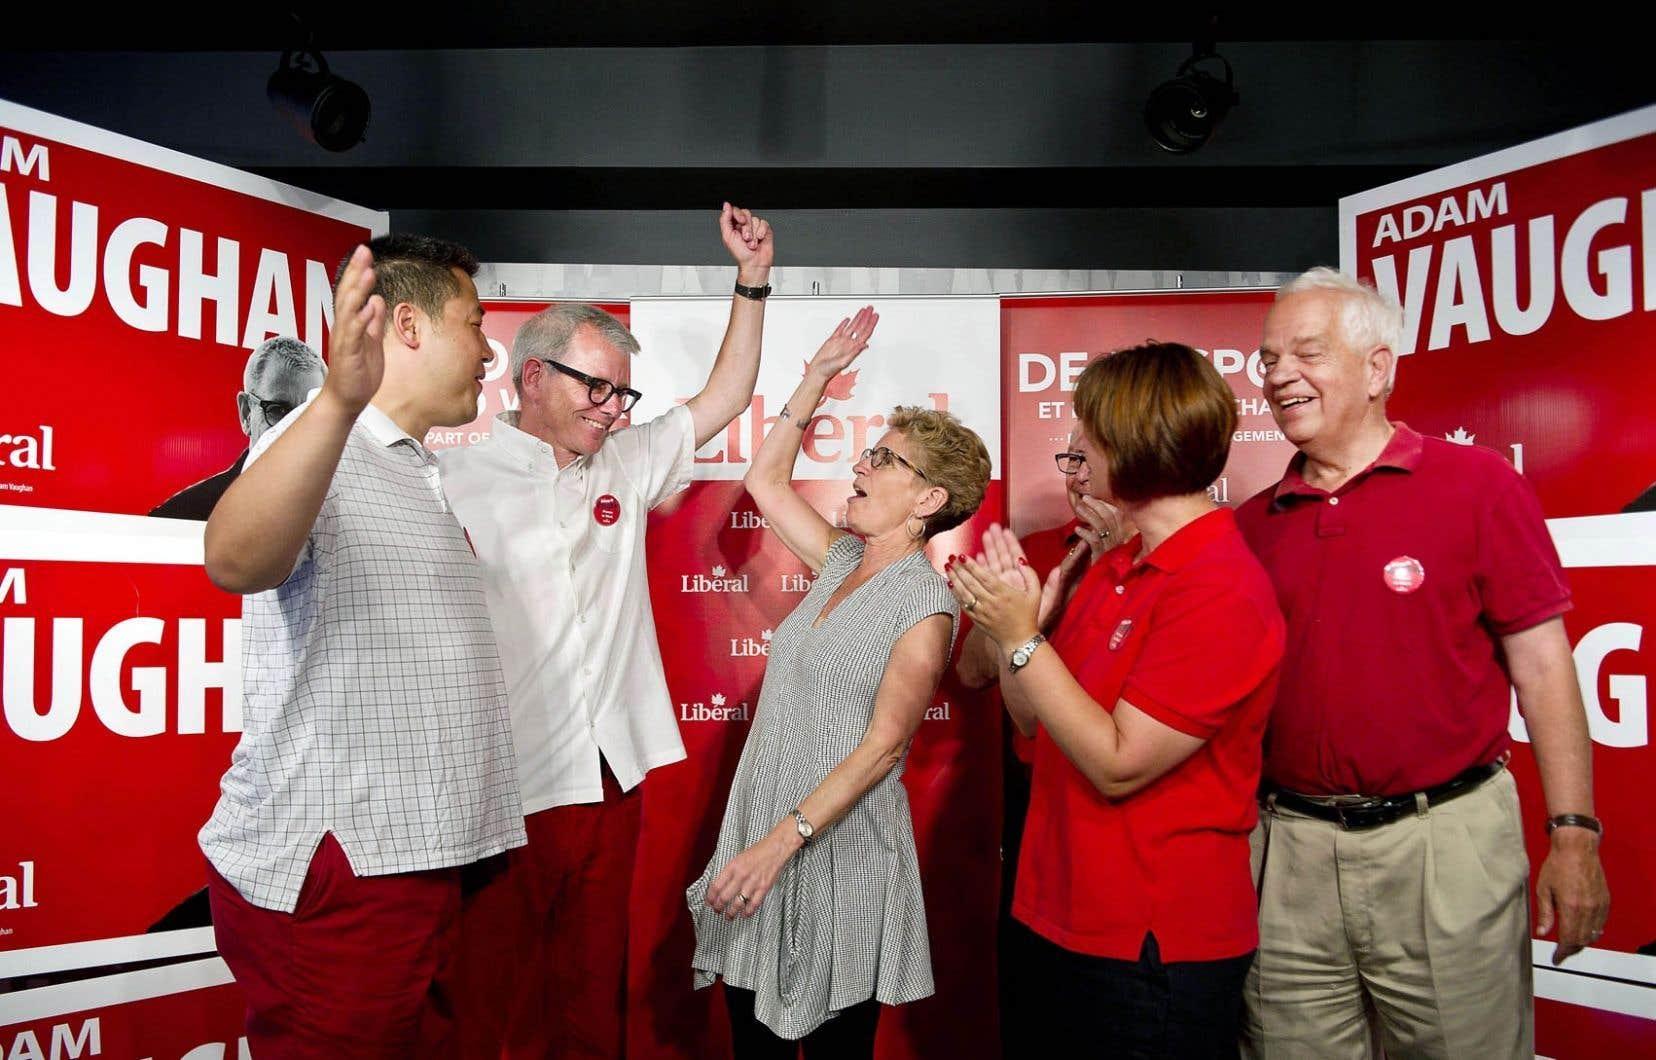 La première ministre libérale ontarienne, Kathleen Wynne (au centre), est venue prêter main-forte au candidat du PLC dans Trinity-Spadina, Adam Vaughan (à gauche de Mme Wynne). La lutte avec le NPD s'annonce chaude dans l'ancienne circonscription d'Olivia Chow.